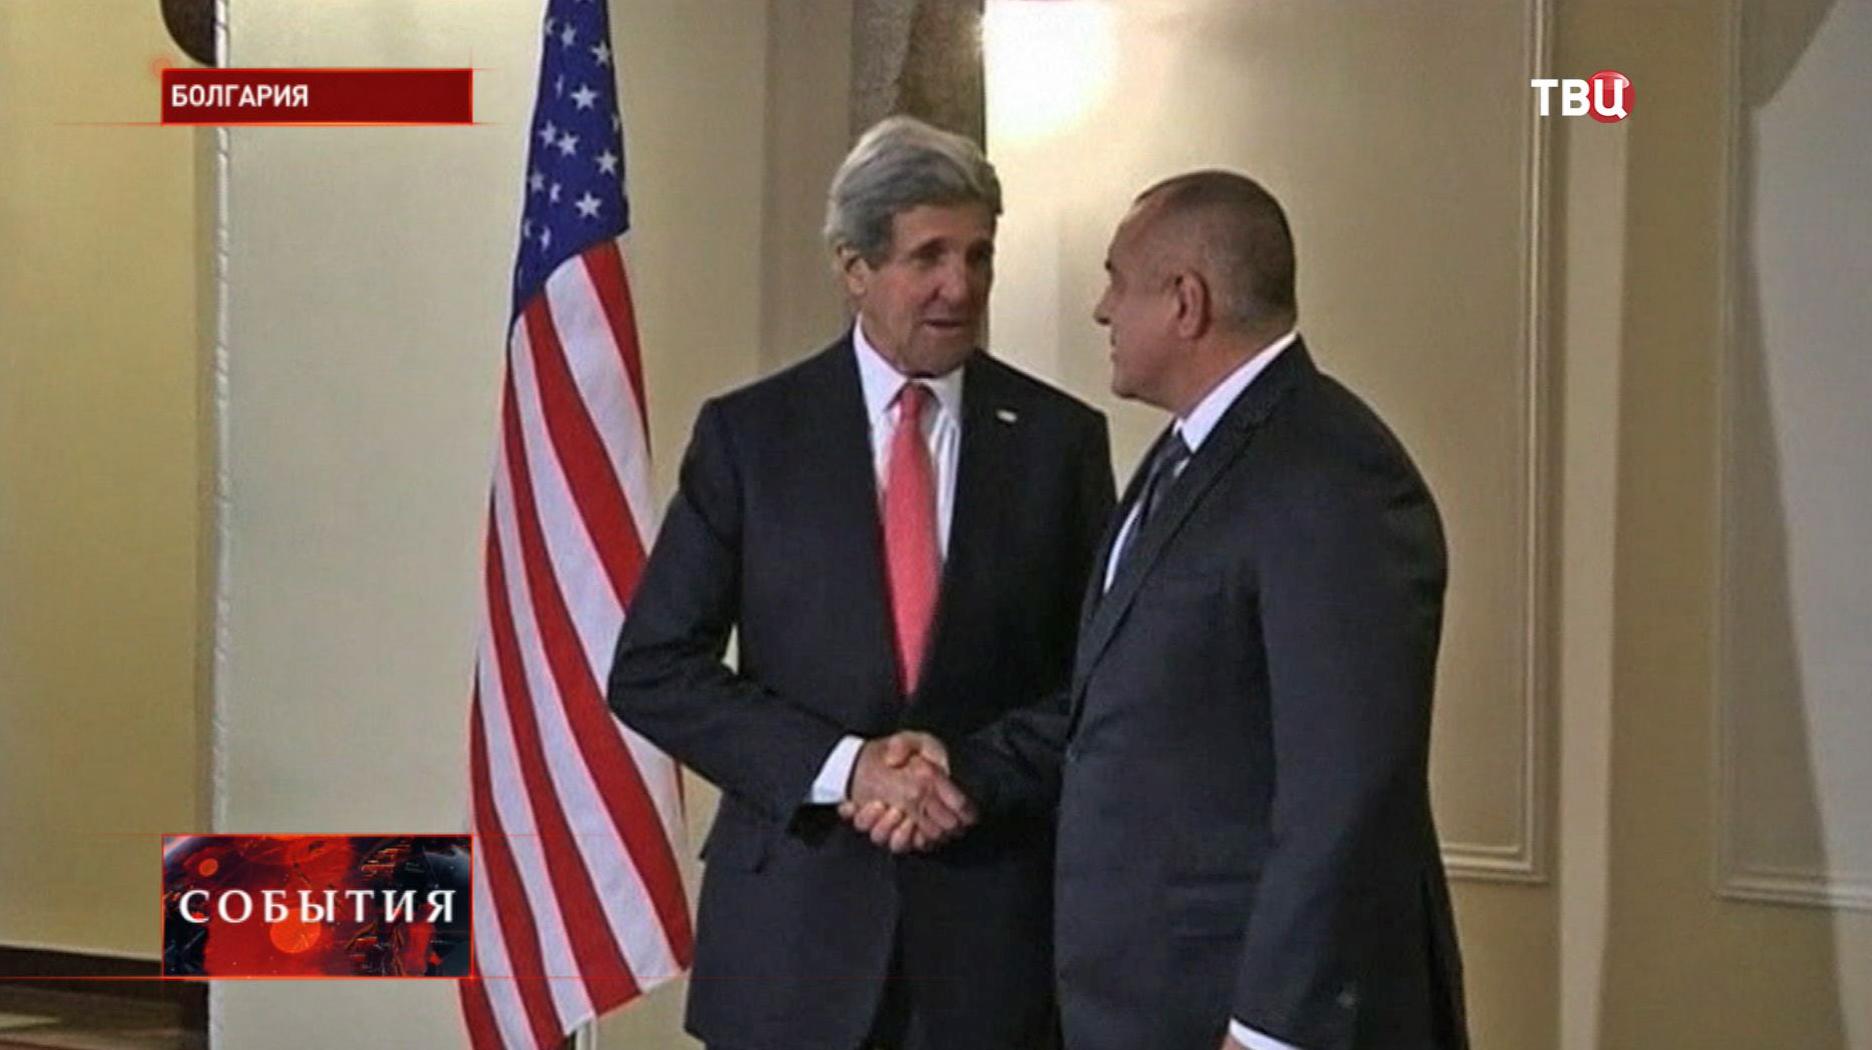 Госсекретарь США Джон Керри в Болгарии